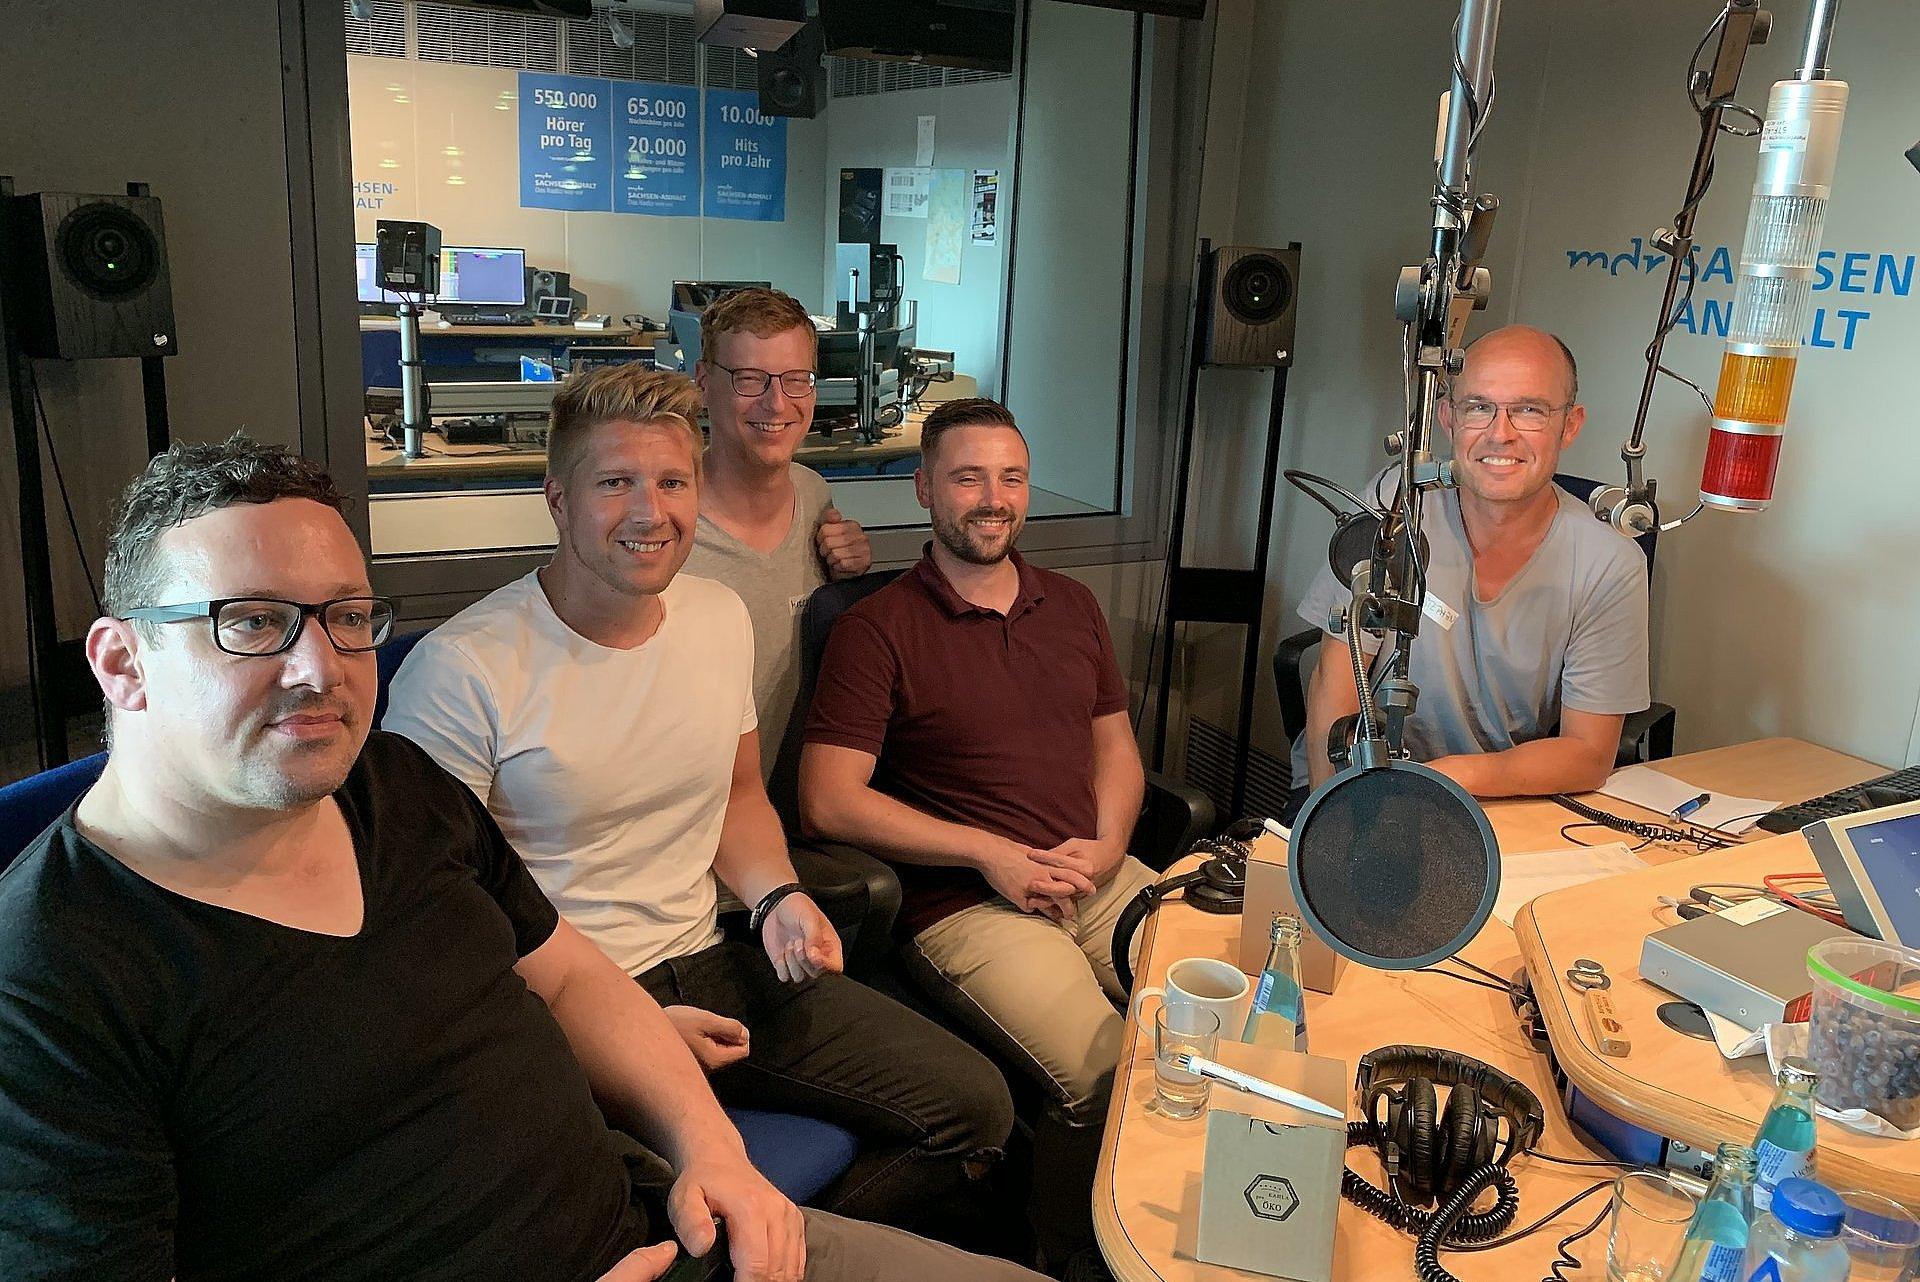 Martin Menz im Gespräch beim MDR-Podcast